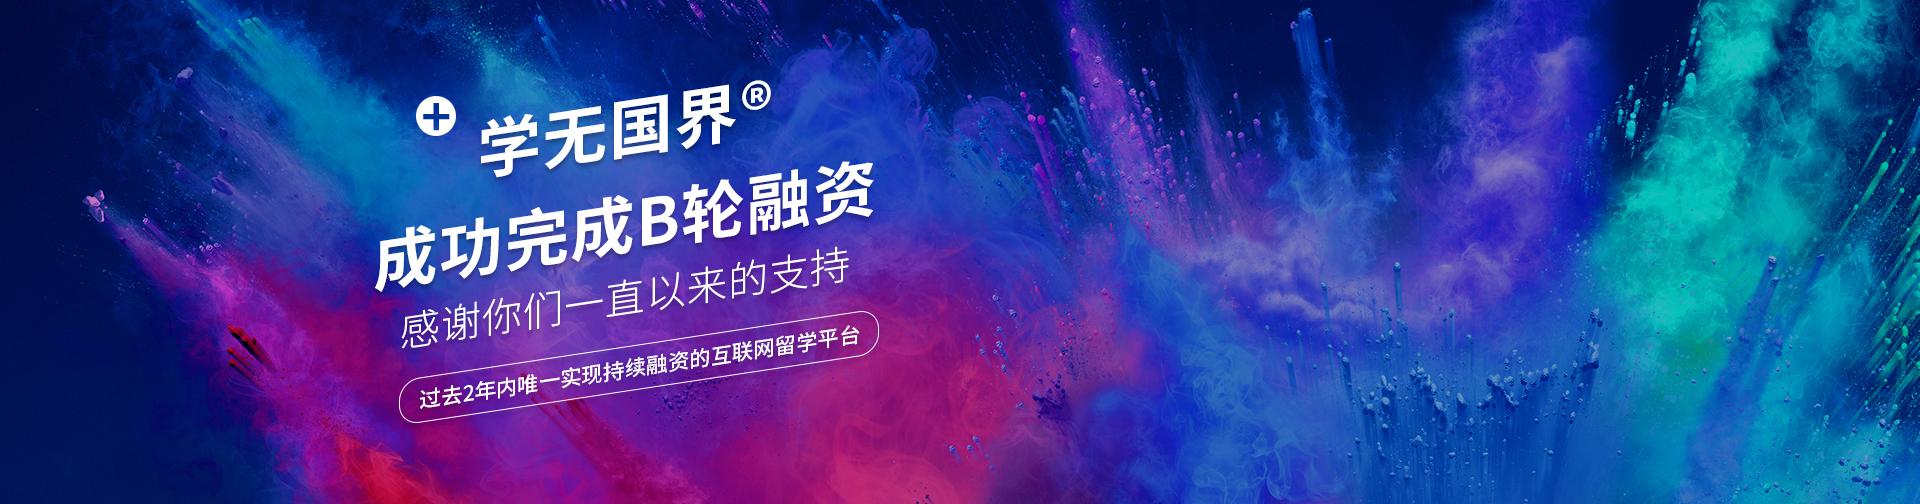 http://myoffer-public.oss-cn-shenzhen.aliyuncs.com/banners/ddc02e2f68e052dfeea4f9d2db19e4f1-970920-1920x504.jpeg